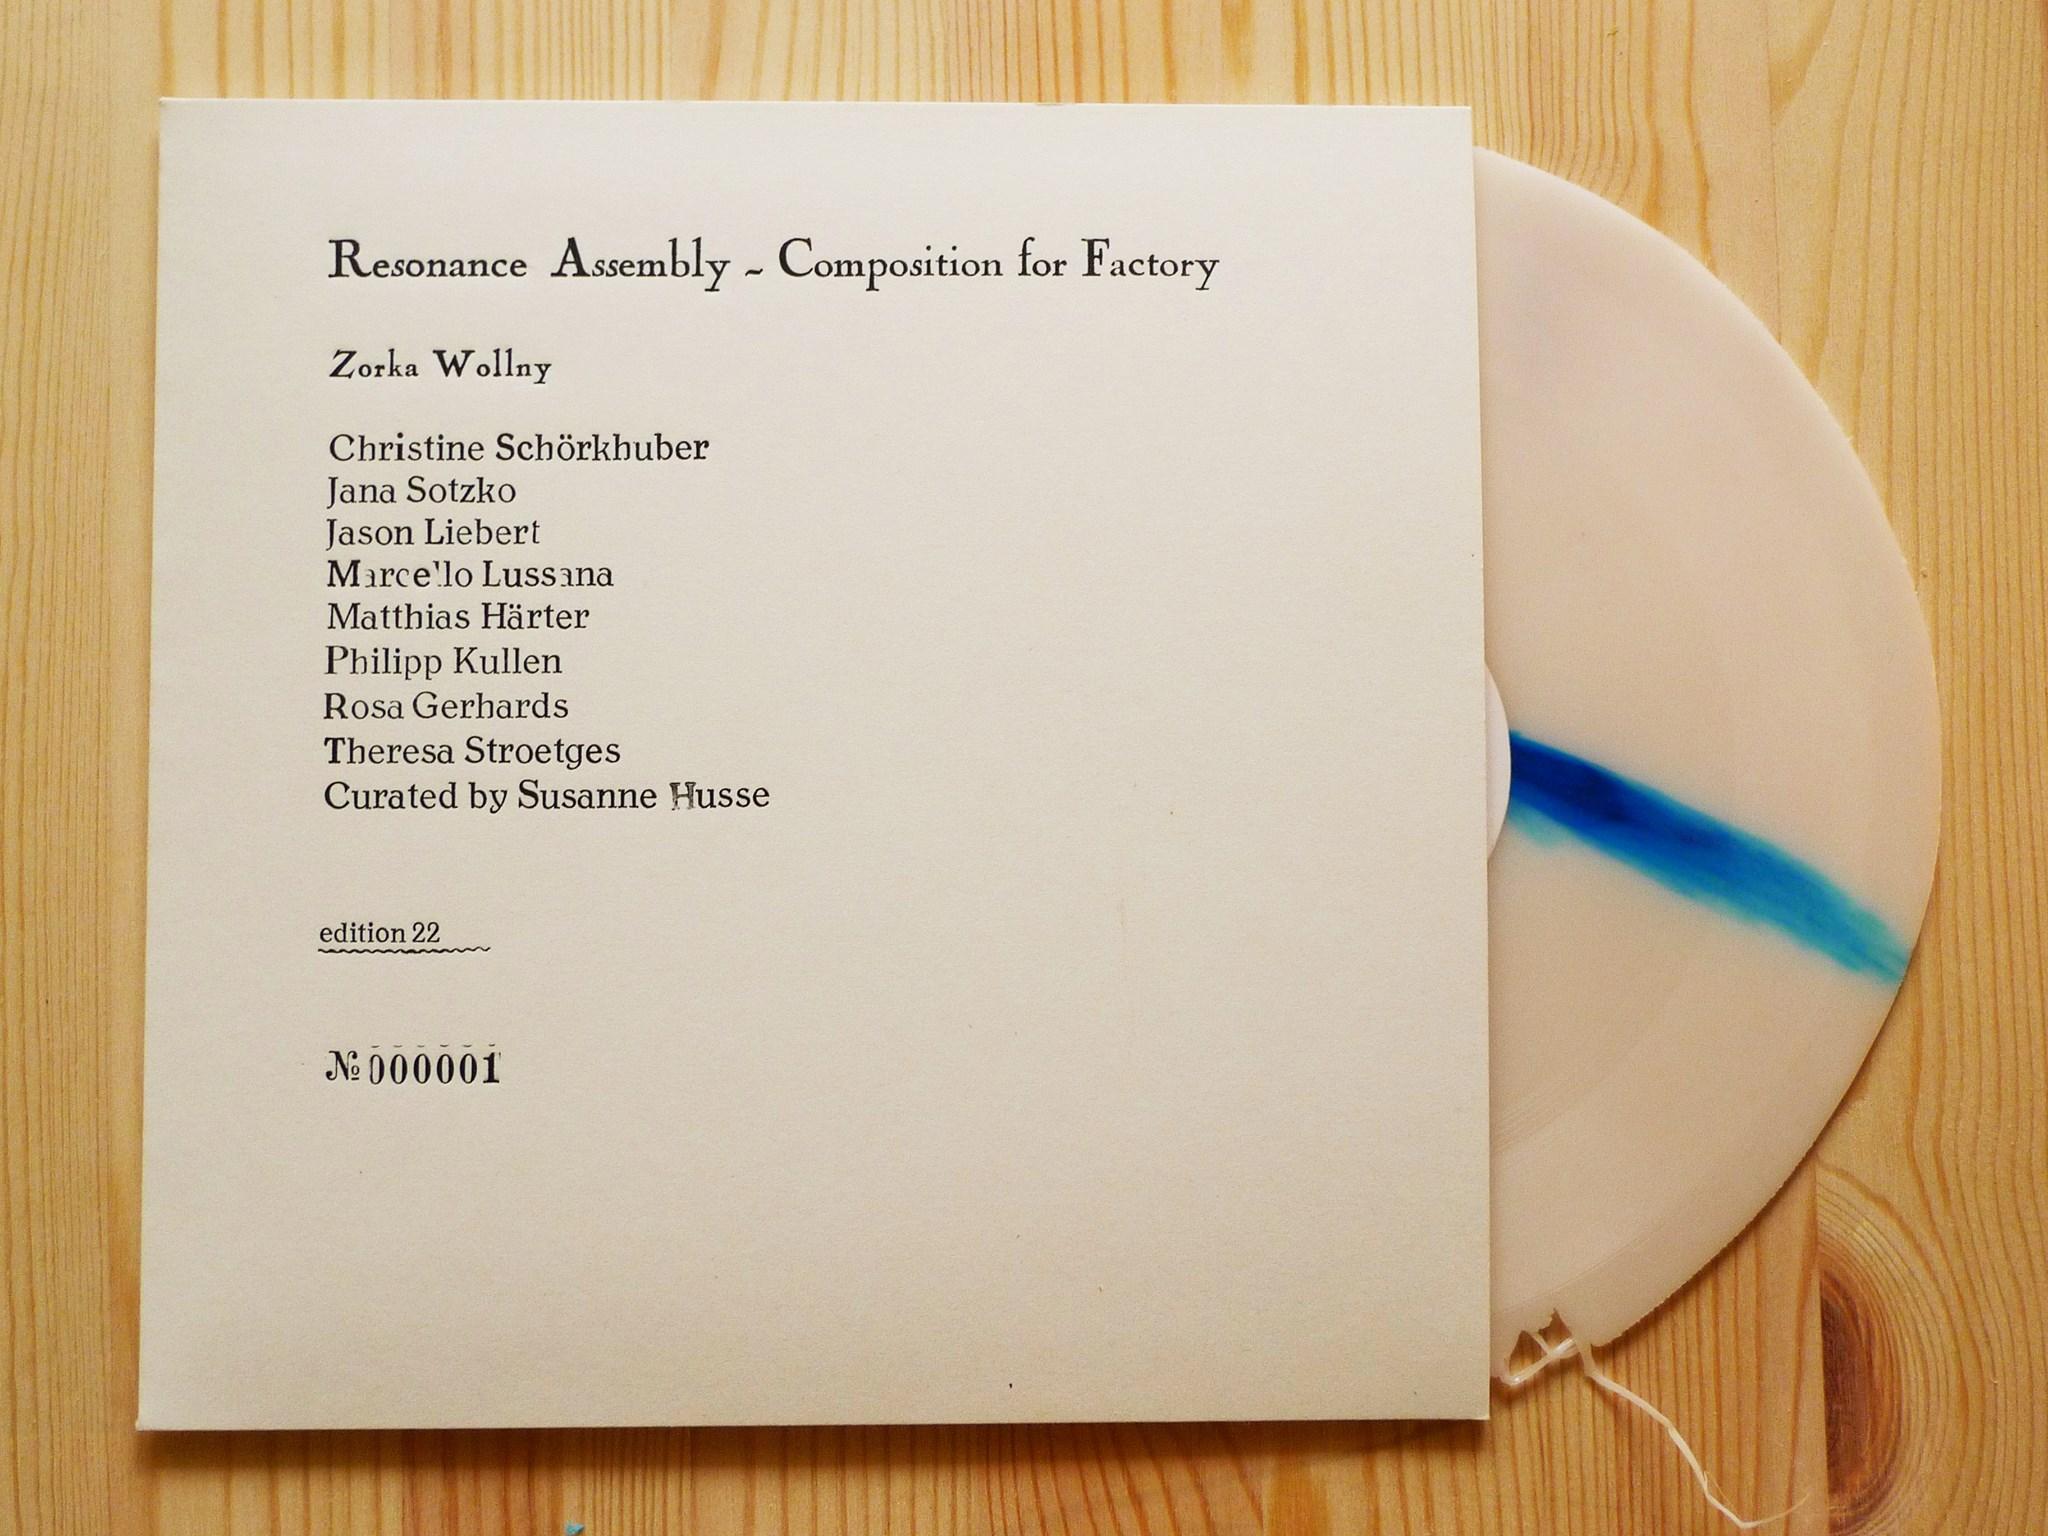 płyta resonance assembly - composition for factory leżąca na drewnianym biurku w okładce